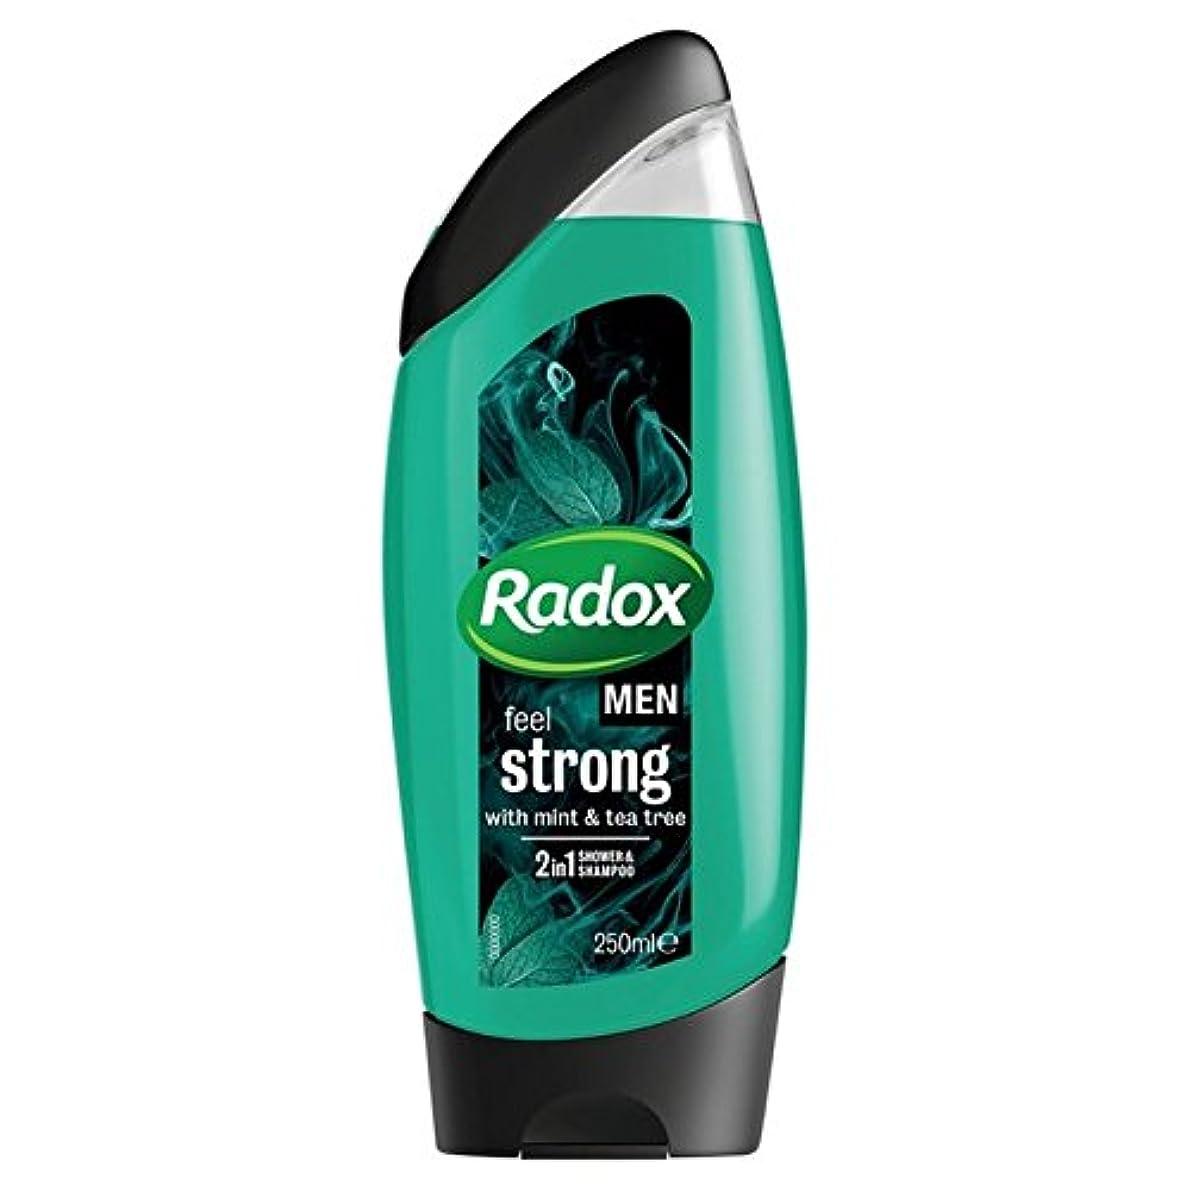 プランターマルコポーロ憎しみRadox Men Feel Strong Mint & Tea Tree 2in1 Shower Gel 250ml - 男性は、強力なミント&ティーツリーの21のシャワージェル250ミリリットルを感じます [並行輸入品]